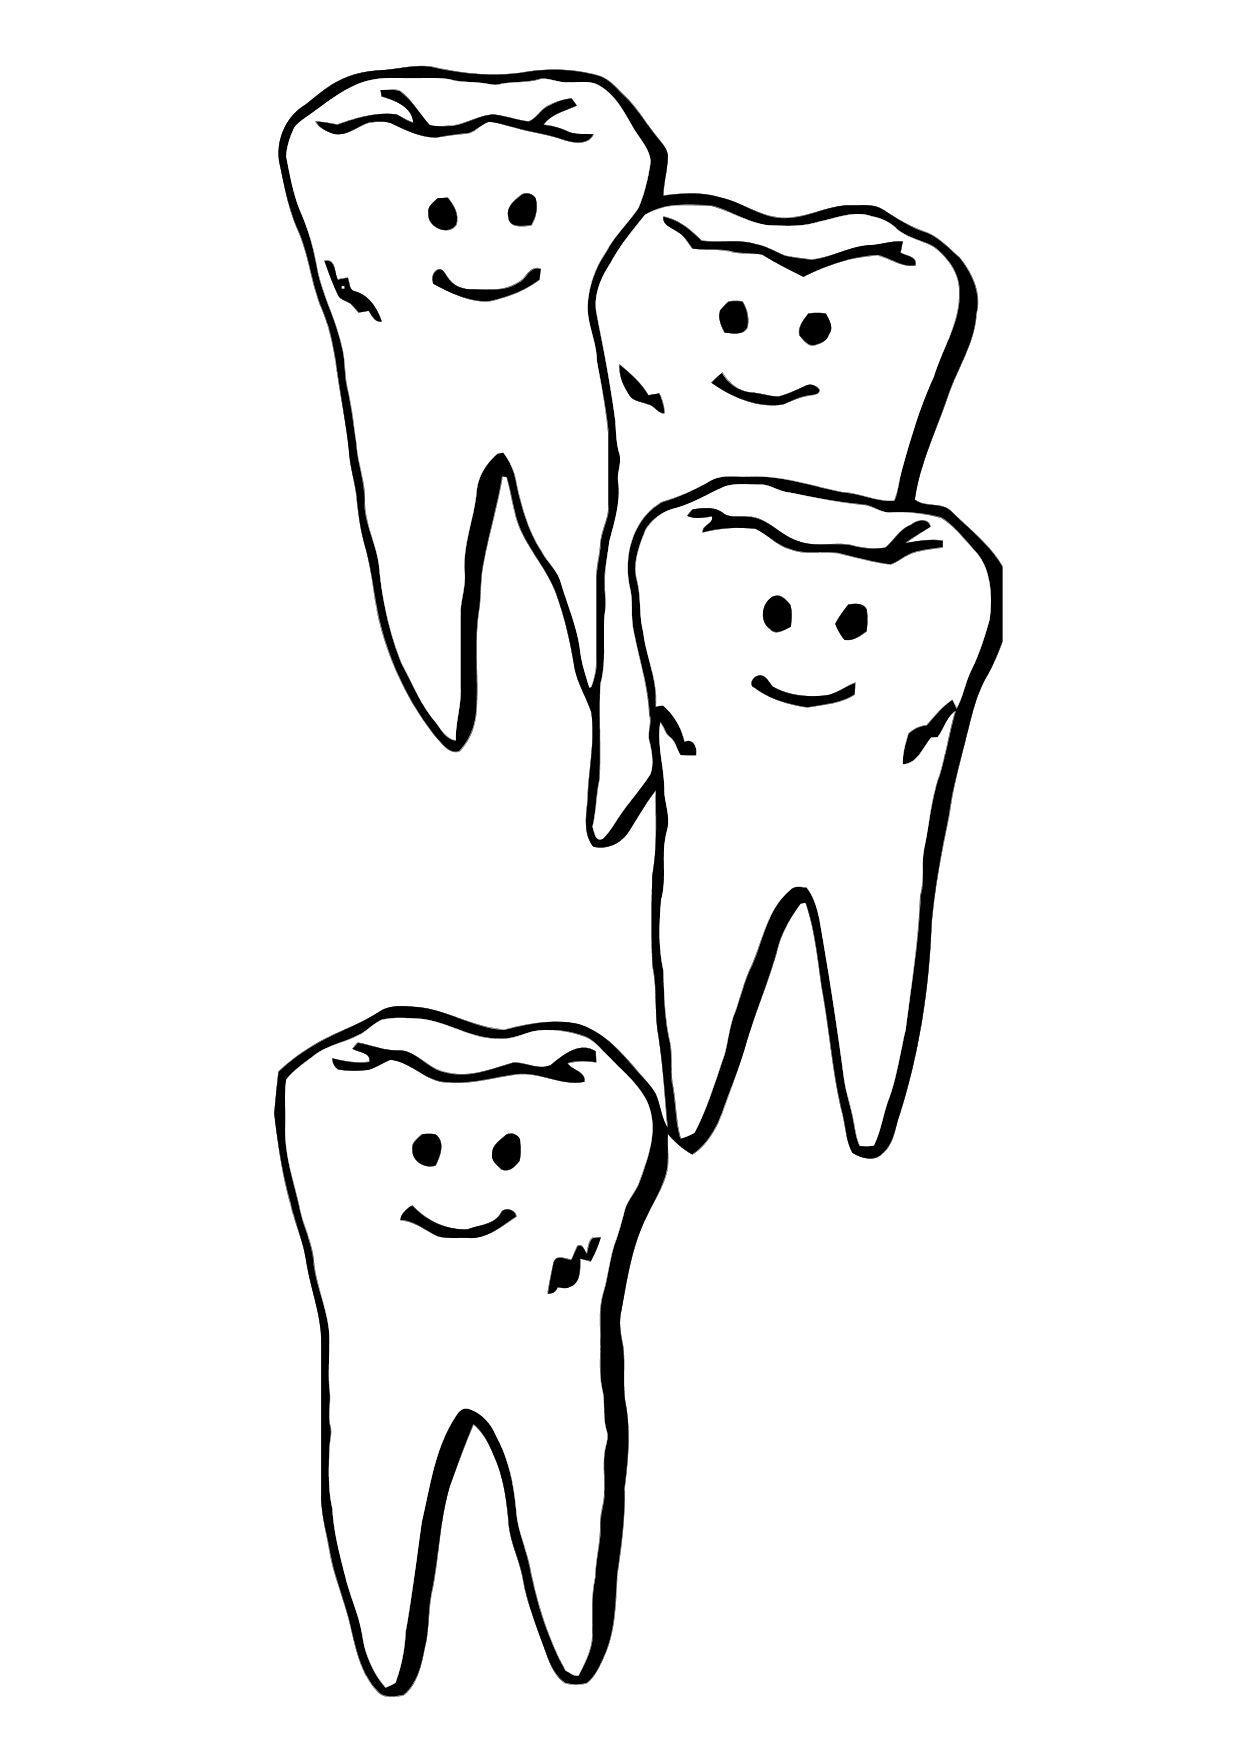 Coloriage Dents Coloriages Gratuits A Imprimer Dessin 11861